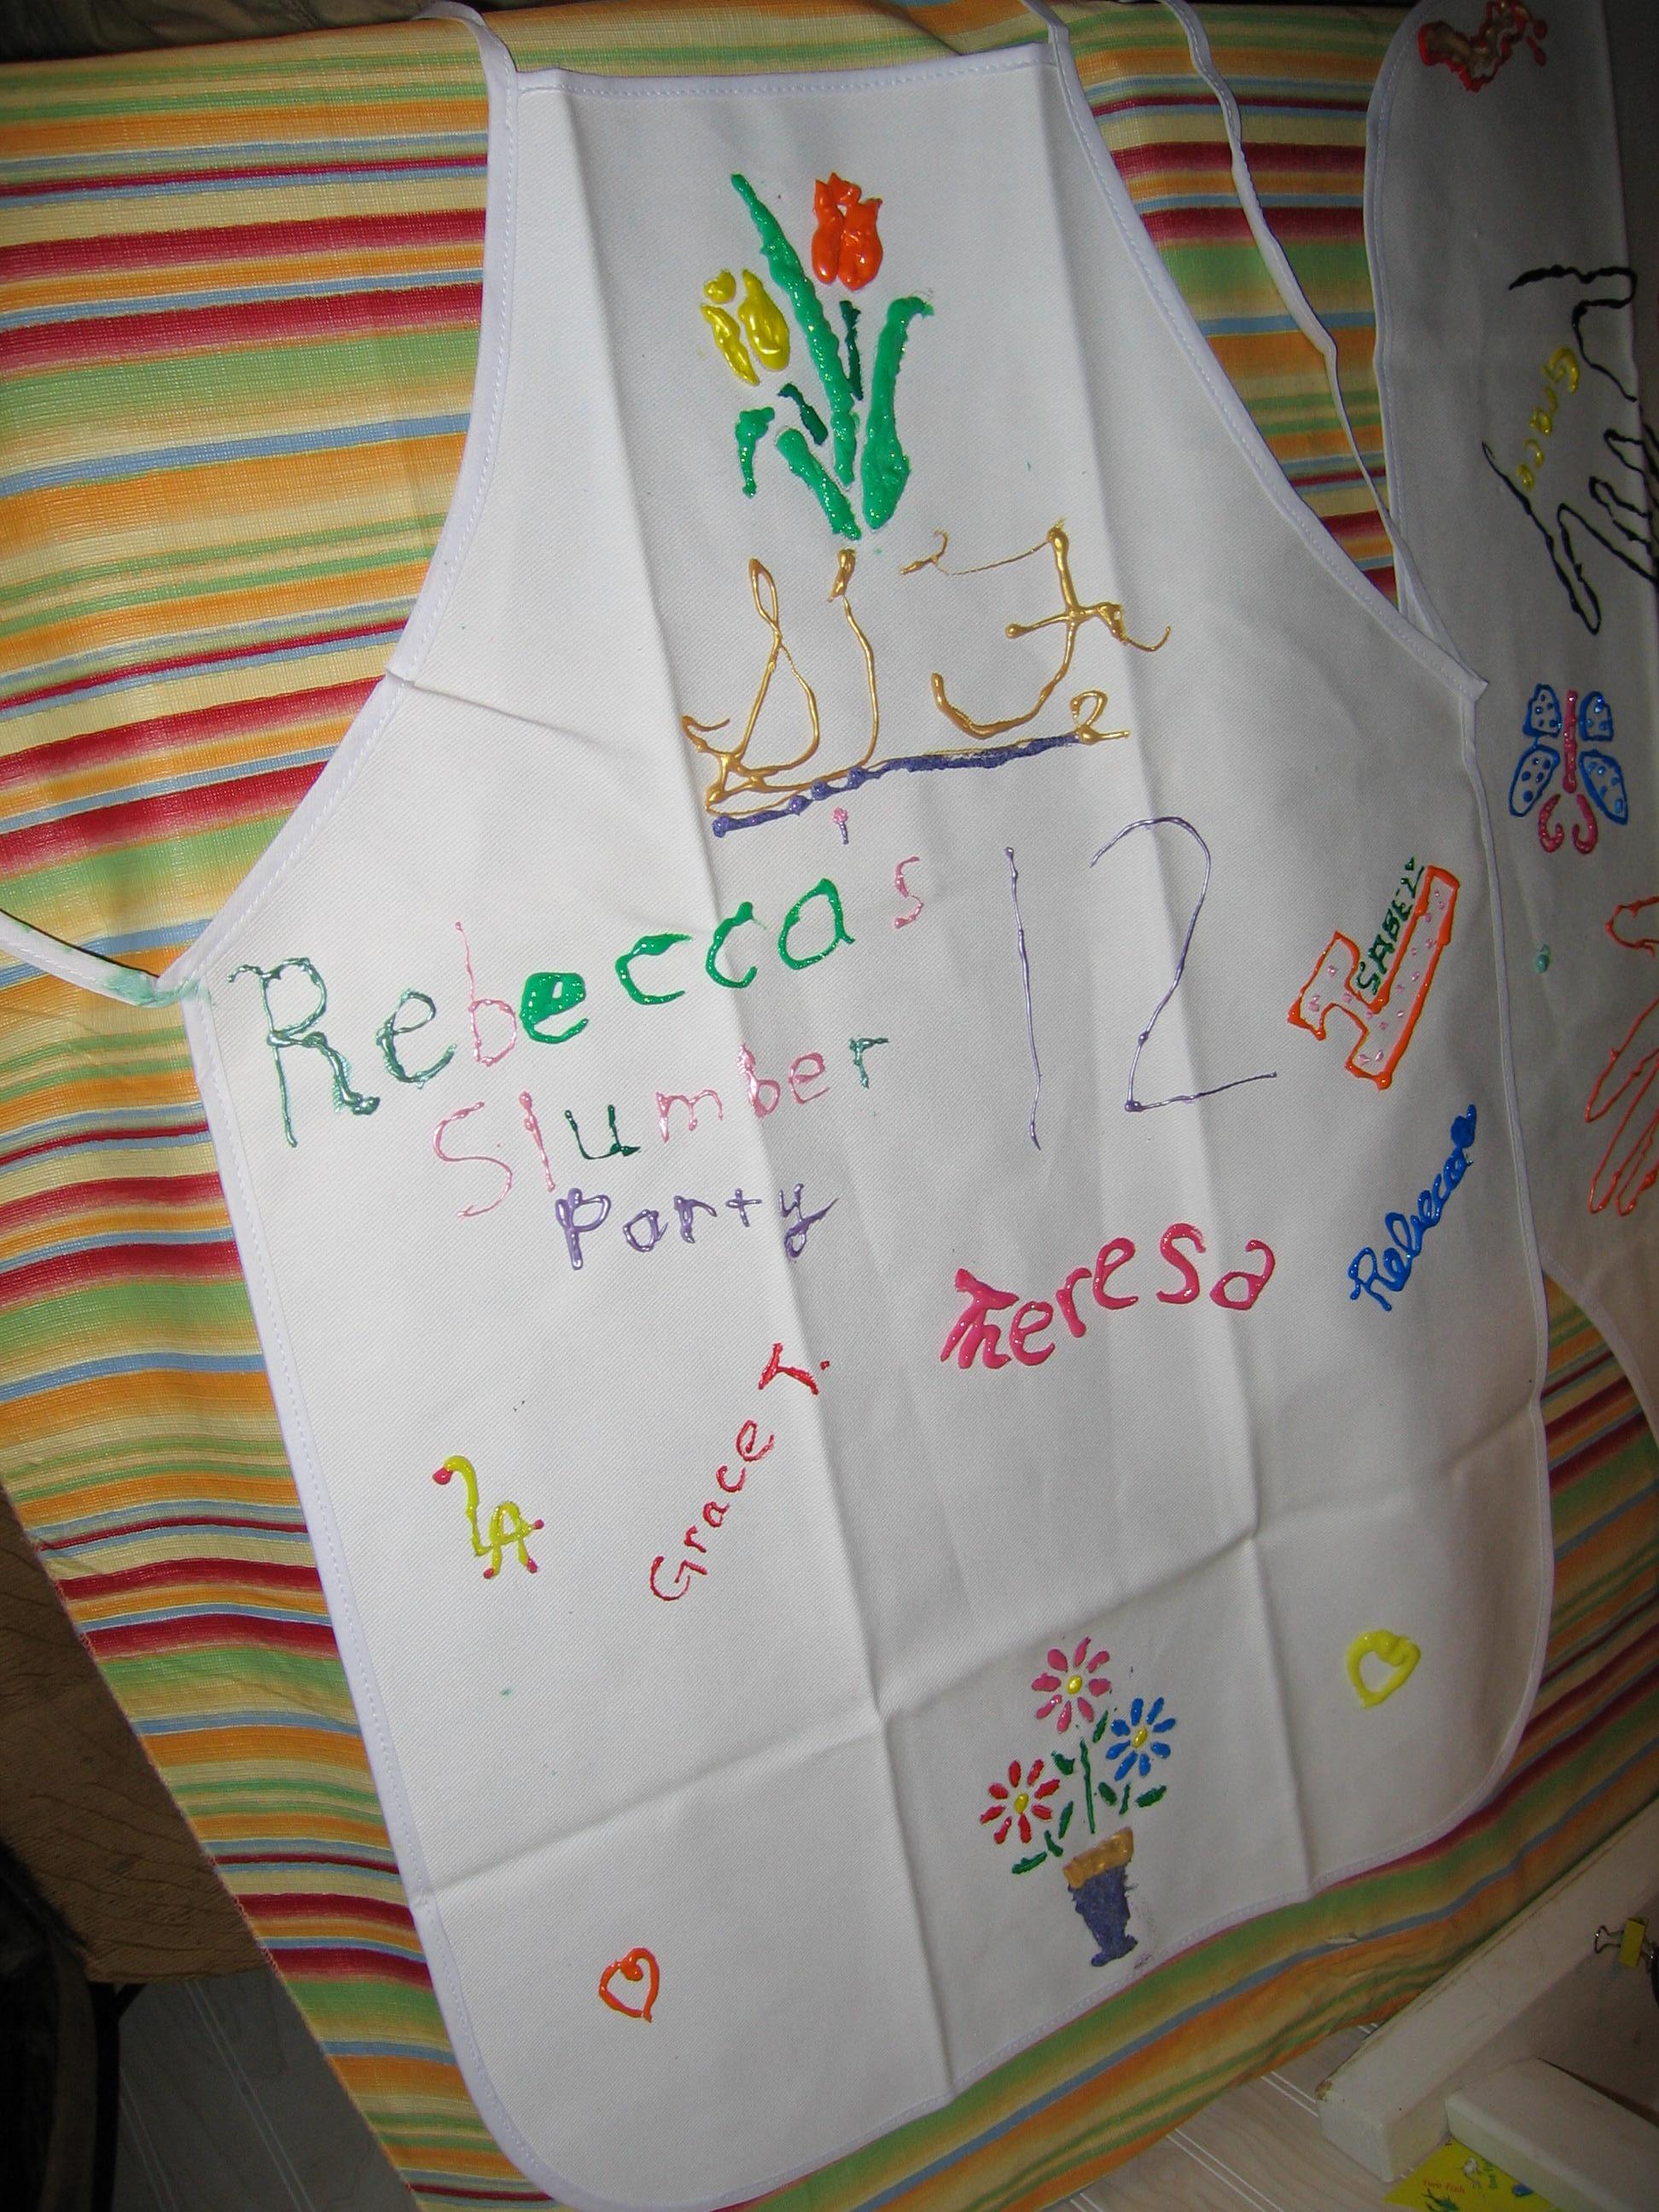 Rebecca's Party 8